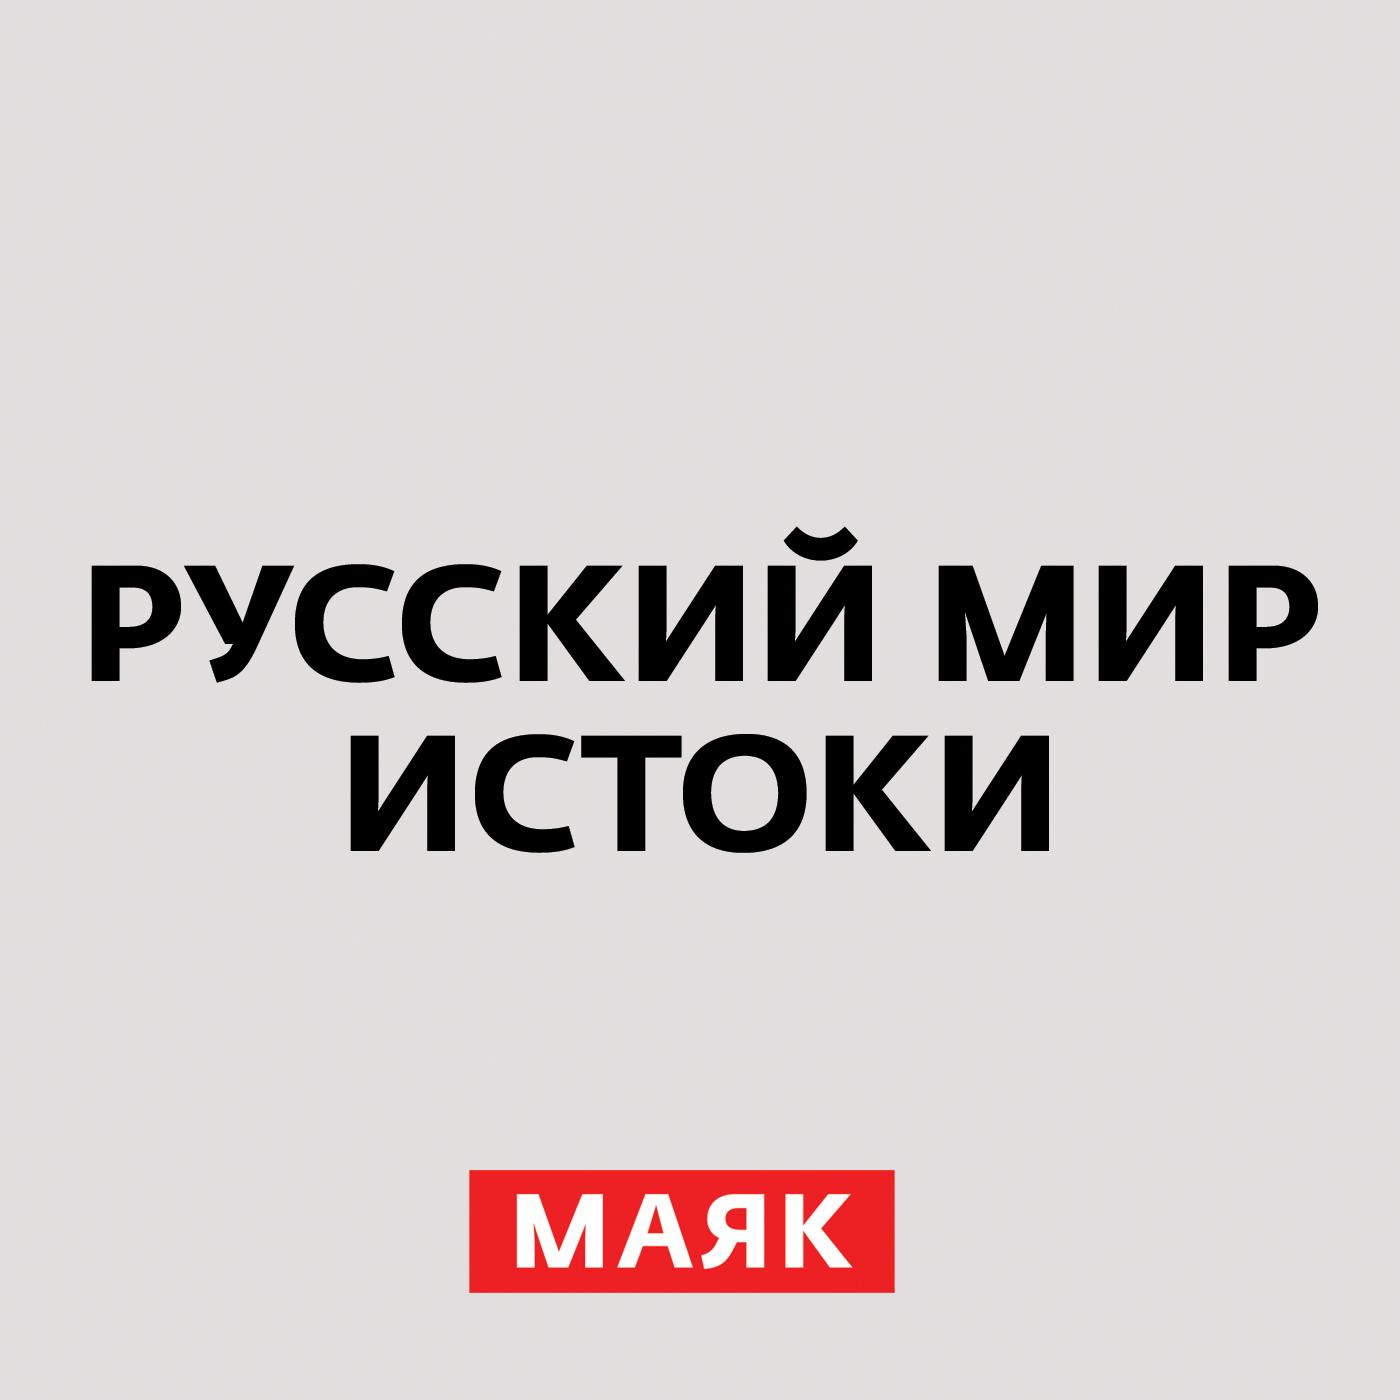 Творческий коллектив радио «Маяк» Андрей Боголюбский елисеев г великий князь андрей боголюбский